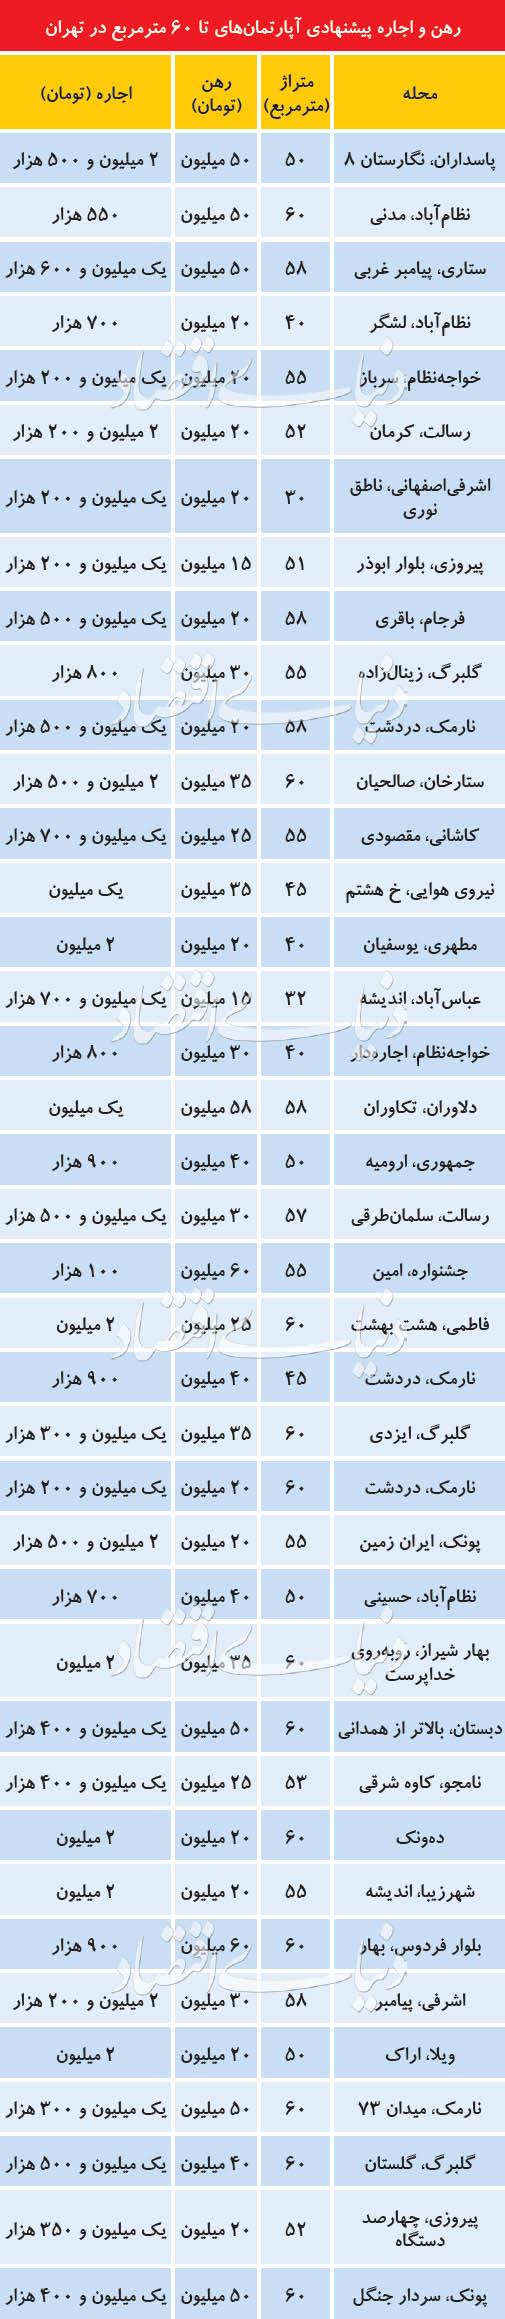 قیمت خانههای ۵۰ متری در تهران+جدول